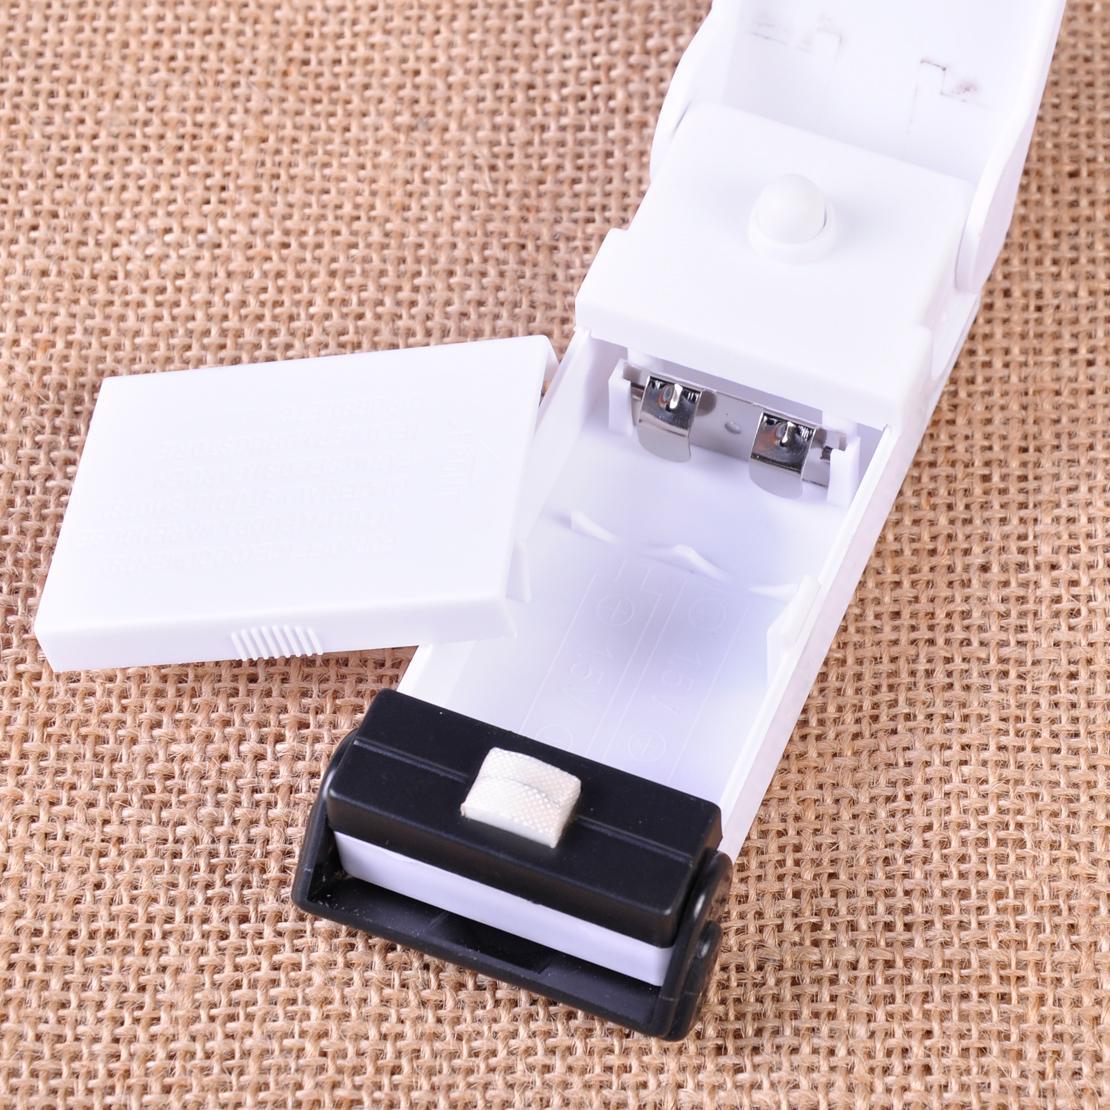 Cek Harga Baru Benz Mini Portable Hand Sealer Perekat Kemasan Plastik Super Handy Pengemas Makanan Putih 3